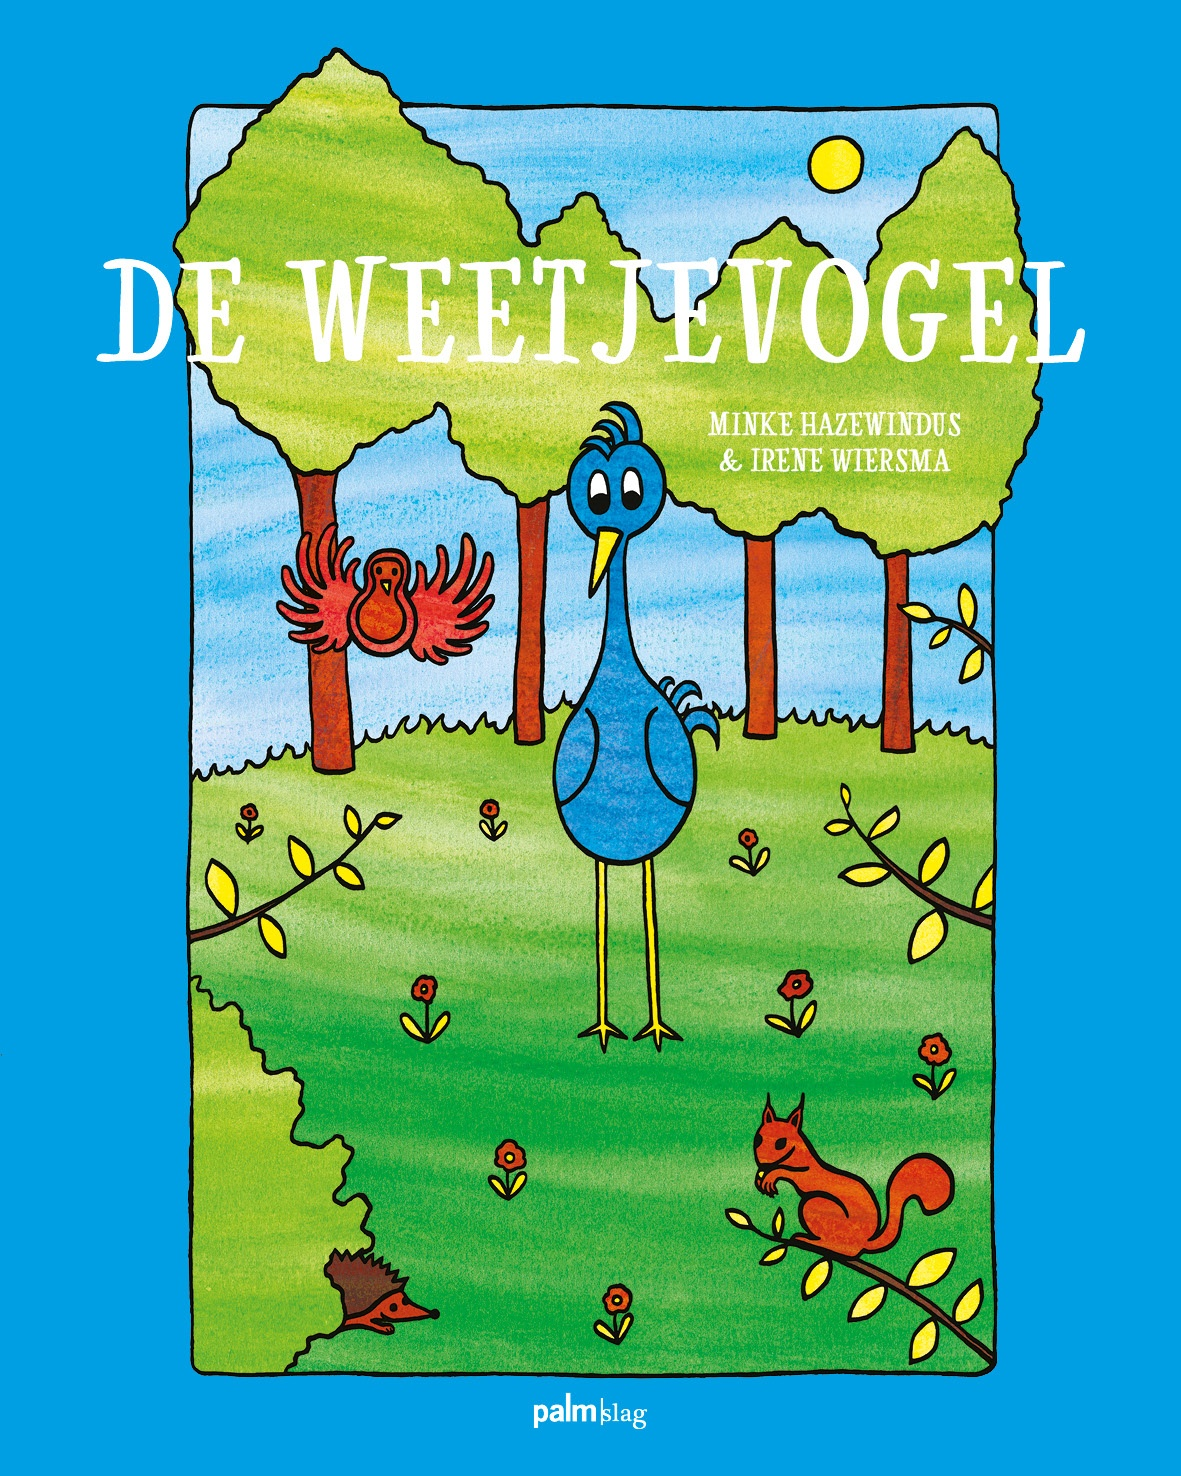 Review: de Weetjevogel